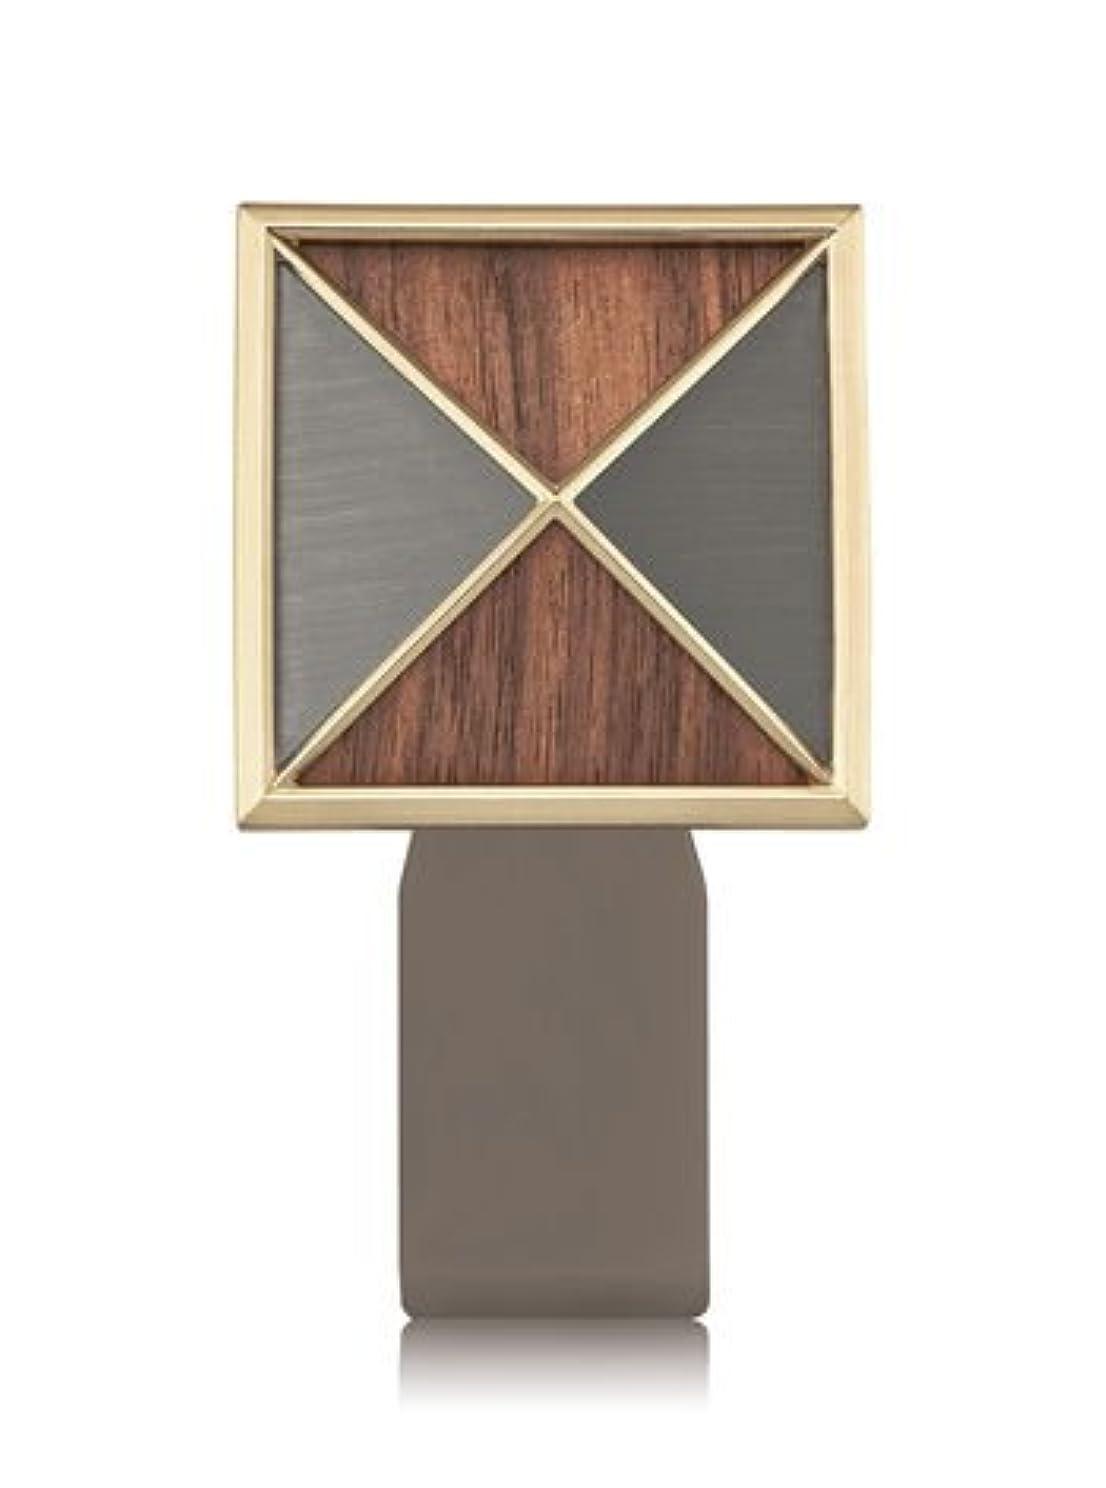 しなやかな発見する宣教師【Bath&Body Works/バス&ボディワークス】 ルームフレグランス プラグインスターター (本体のみ) テクスチャーシールド Wallflowers Fragrance Plug Textured Shield...